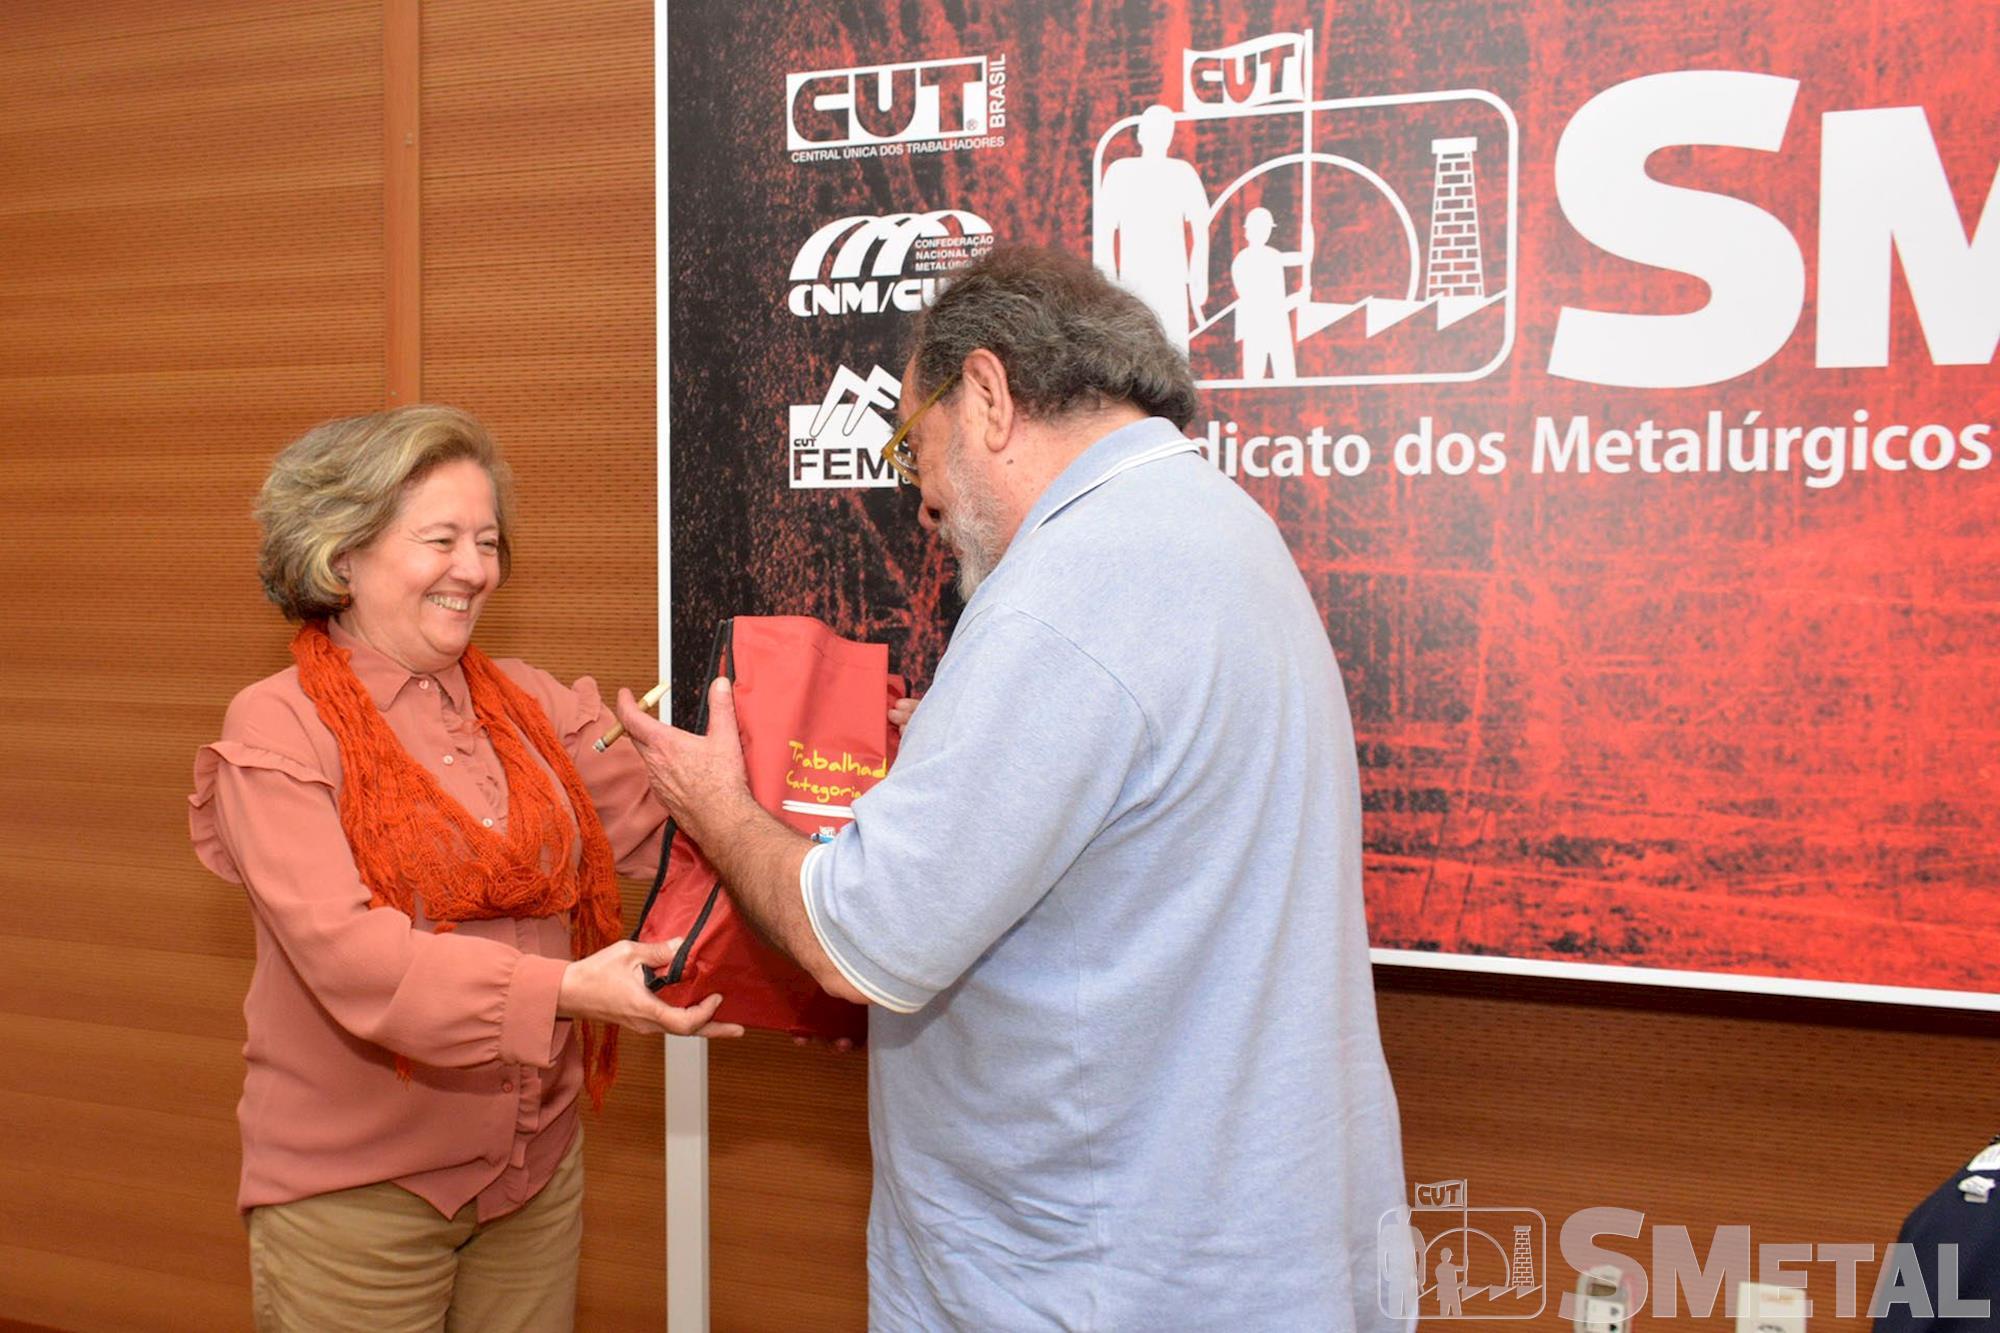 fernando,  morais,  formação,  smetal,  palestra, Foguinho/Imprensa SMetal, Palestra com o escritor Fernando Morais no SMetal